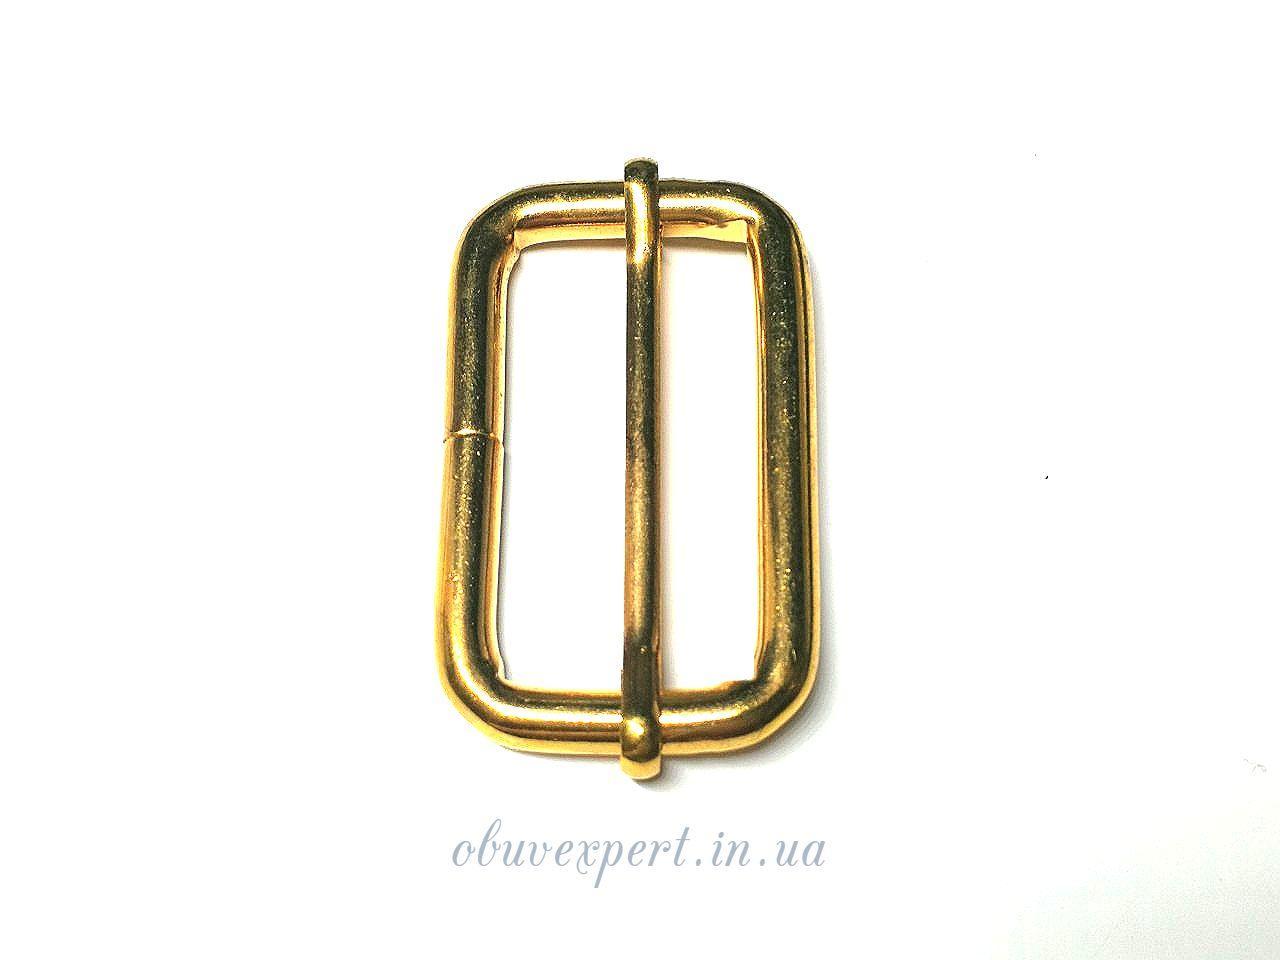 Рамка  с перемычкой 40*20 мм, толщ. 5 мм, Золото